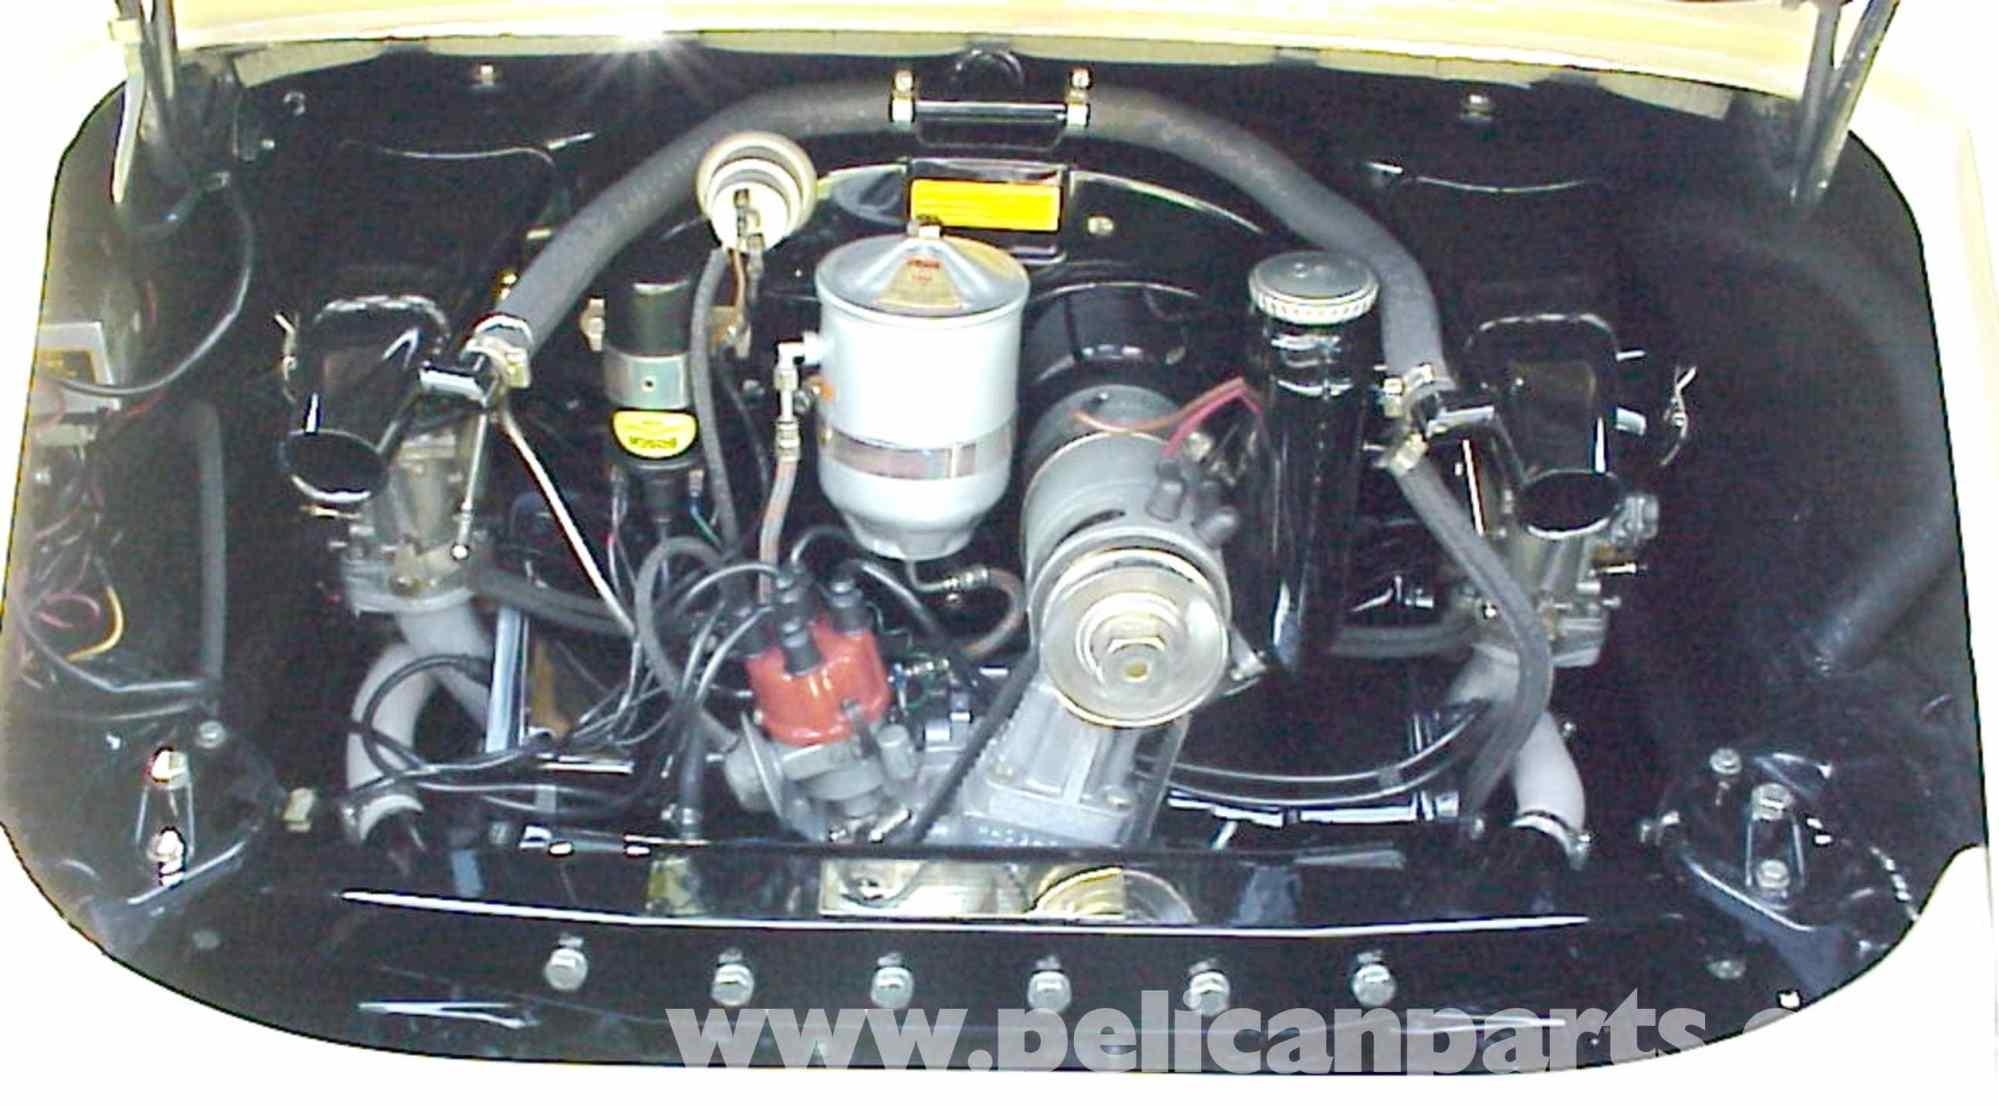 hight resolution of 1967 porsche 912 wiring diagrams wiring diagram online1968 porsche 912 engine diagram wiring diagram schematics 1967